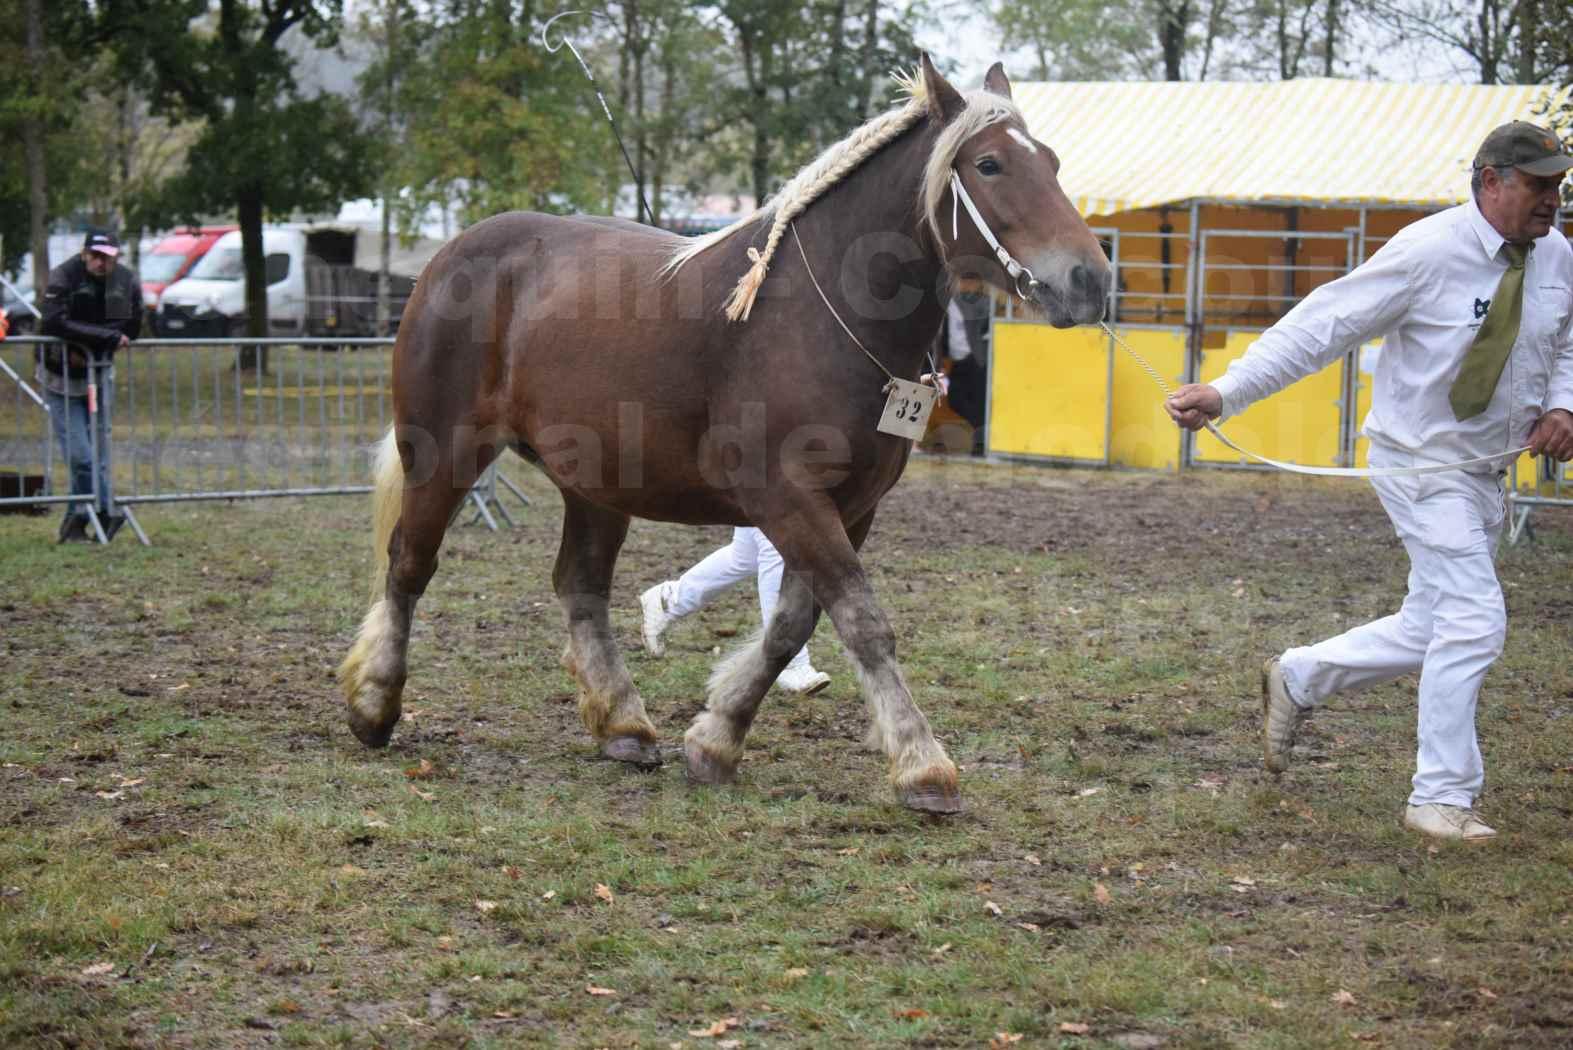 Concours Régional de chevaux de traits en 2017 - Pouliche Trait COMTOIS - ECLIPCE DE PIGASSOU - 17